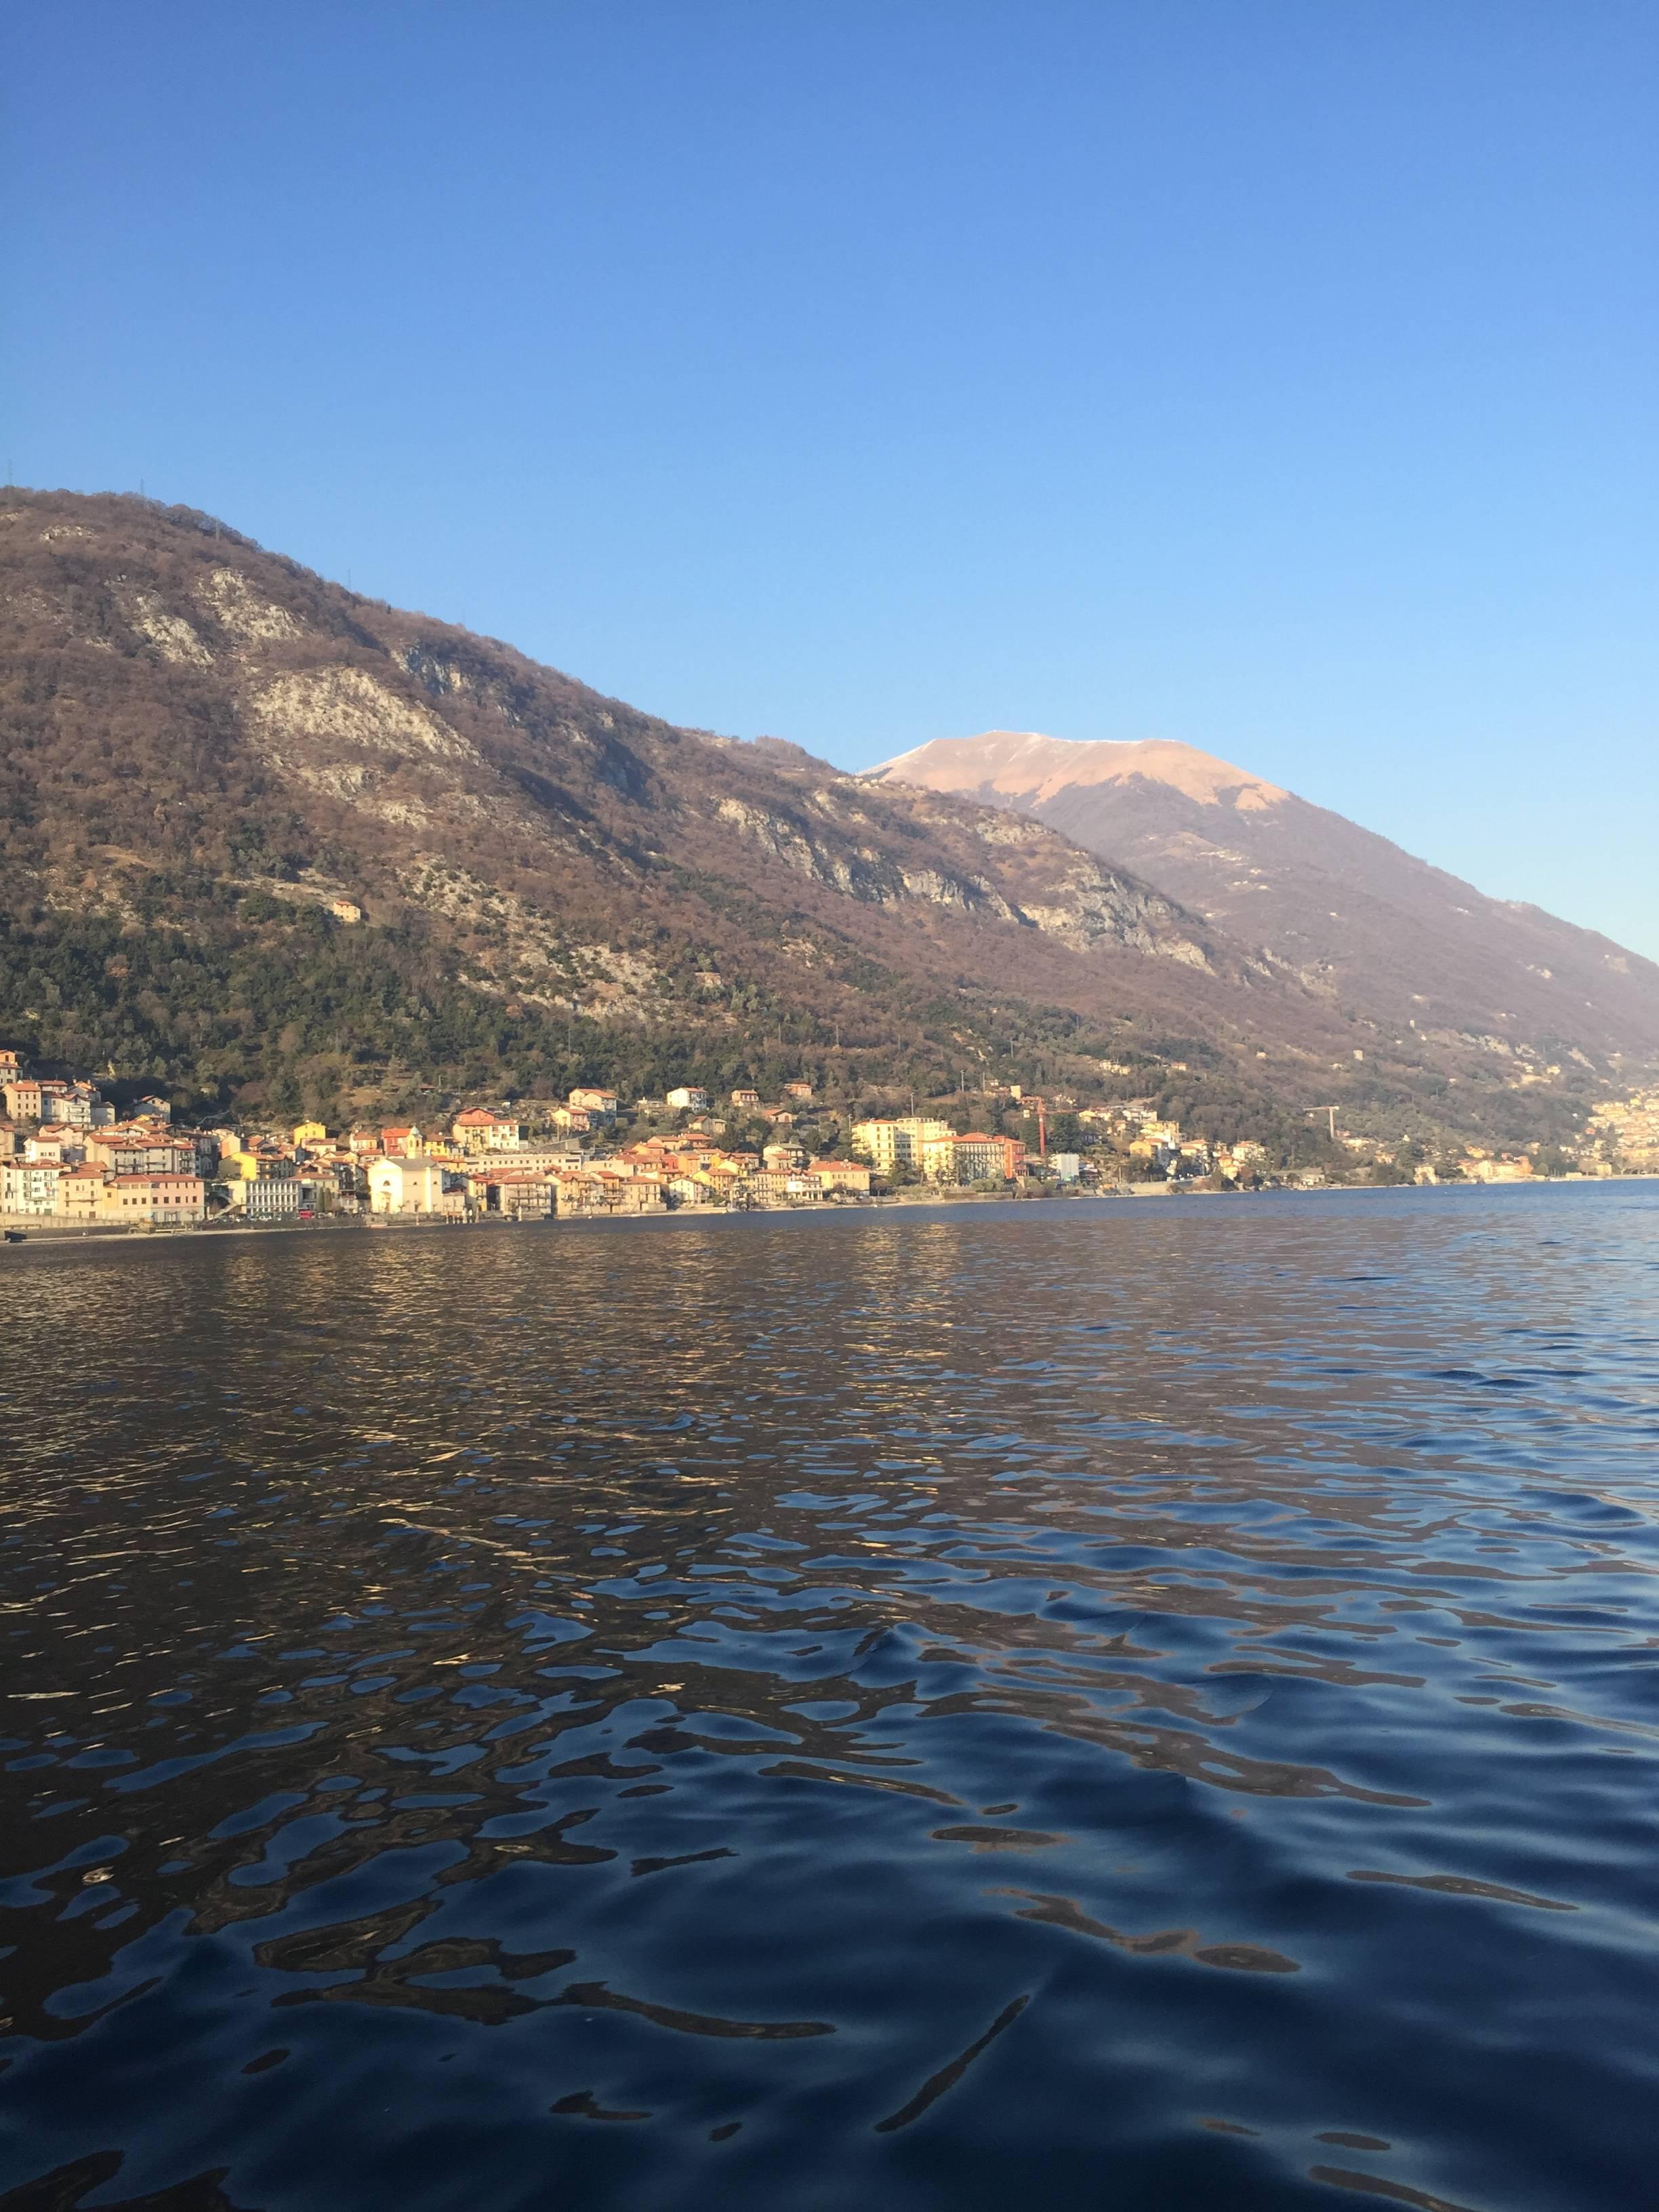 Photo 3: Balade en bateau sur le lac de Côme (oui oui, on a conduit!)